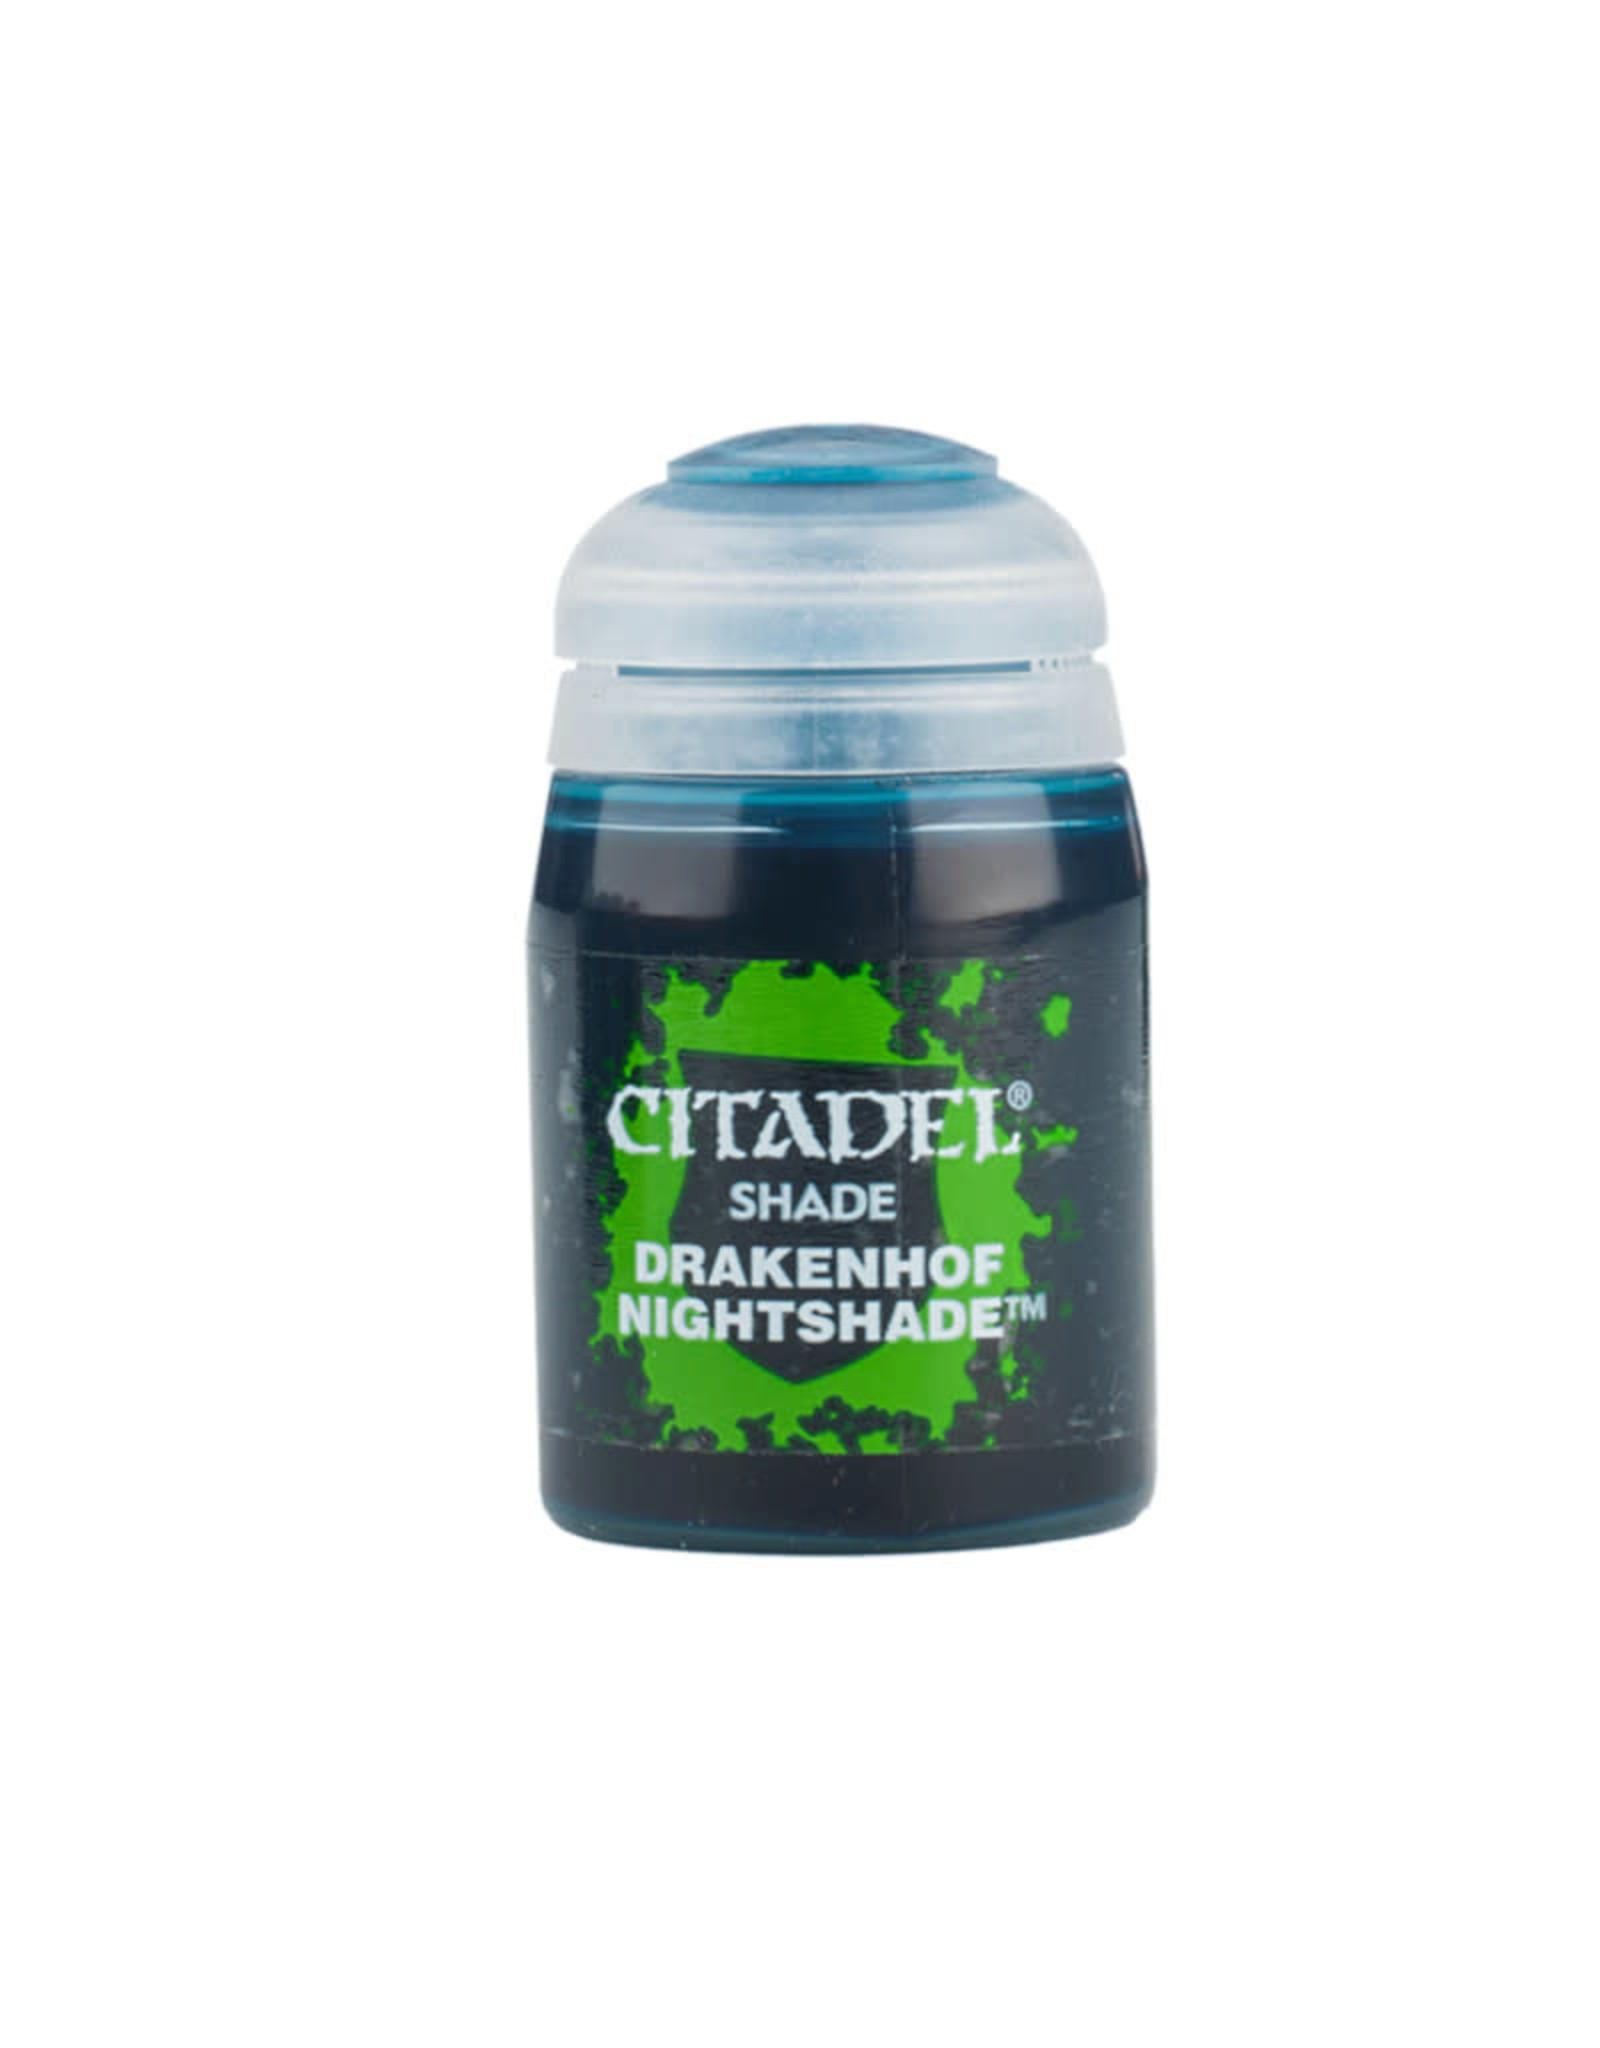 Citadel Shade Paint: Drakenhof Nightshade